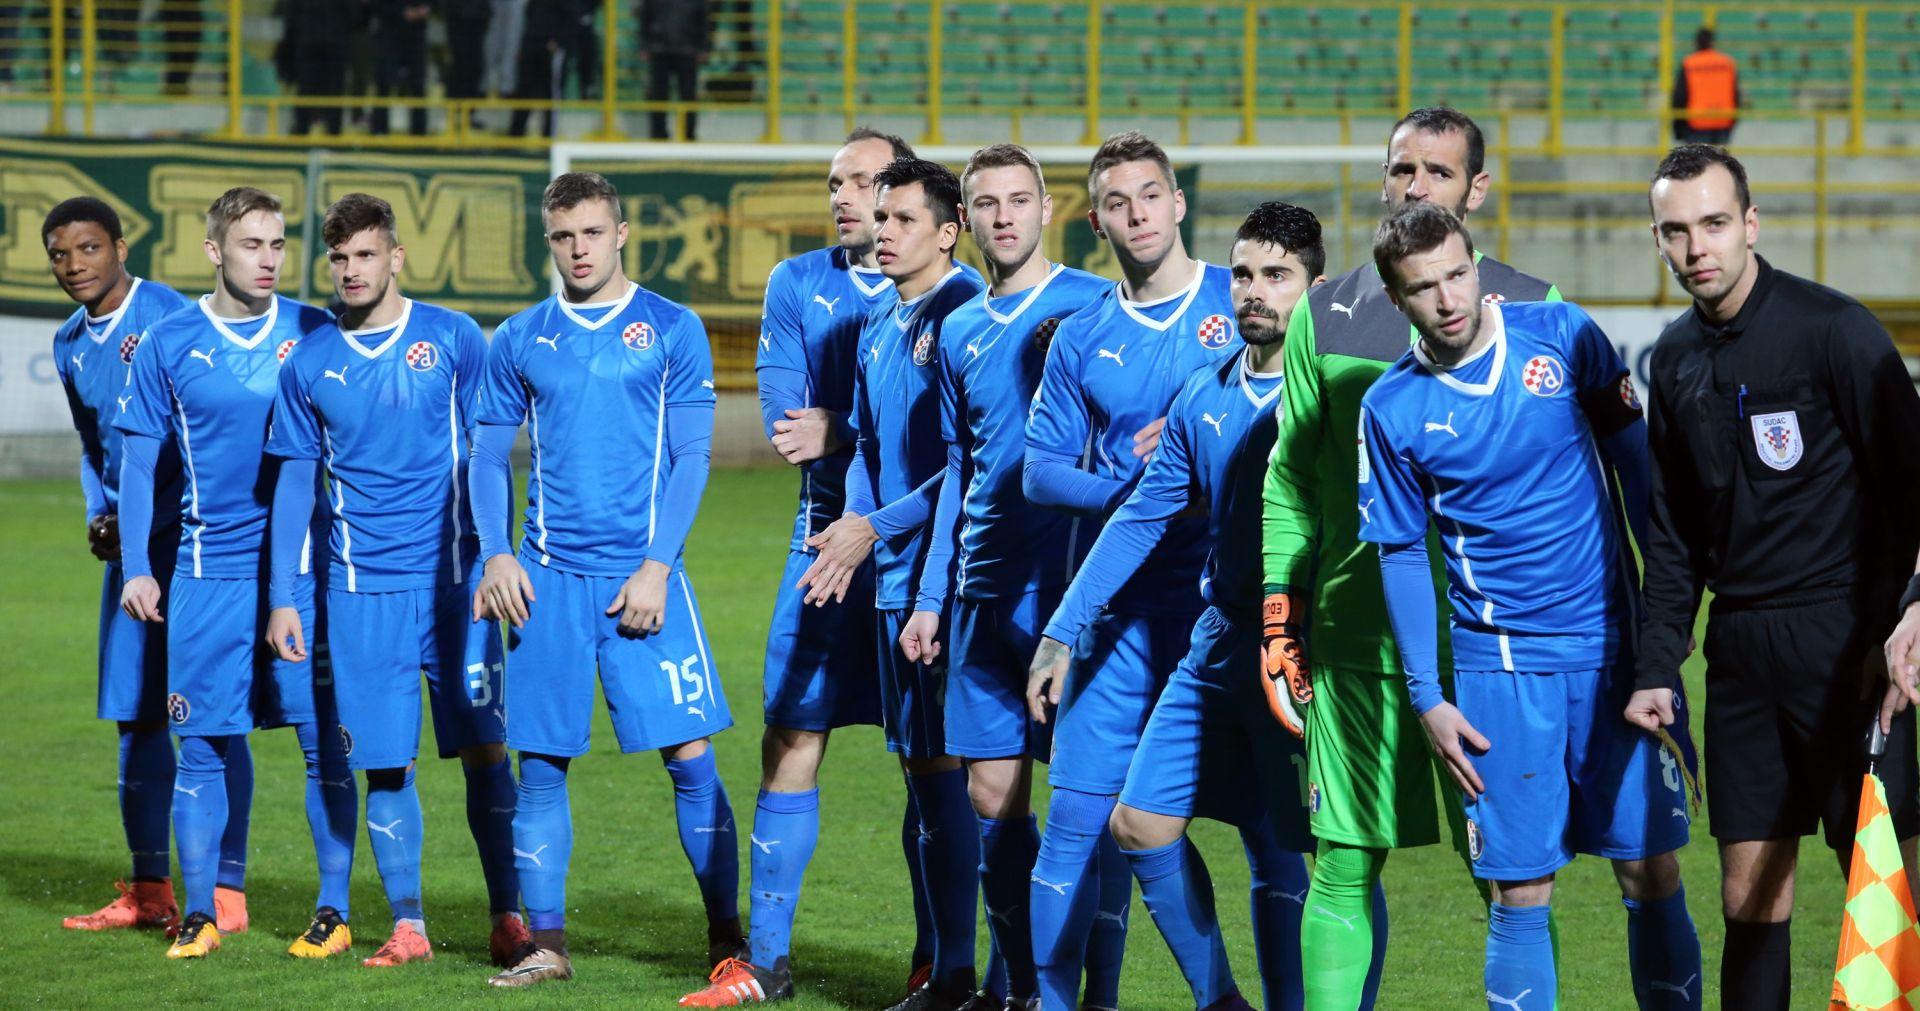 HNL Deseta uzastopna pobjeda Dinama, Pjaca zabio za slavlje protiv Istre